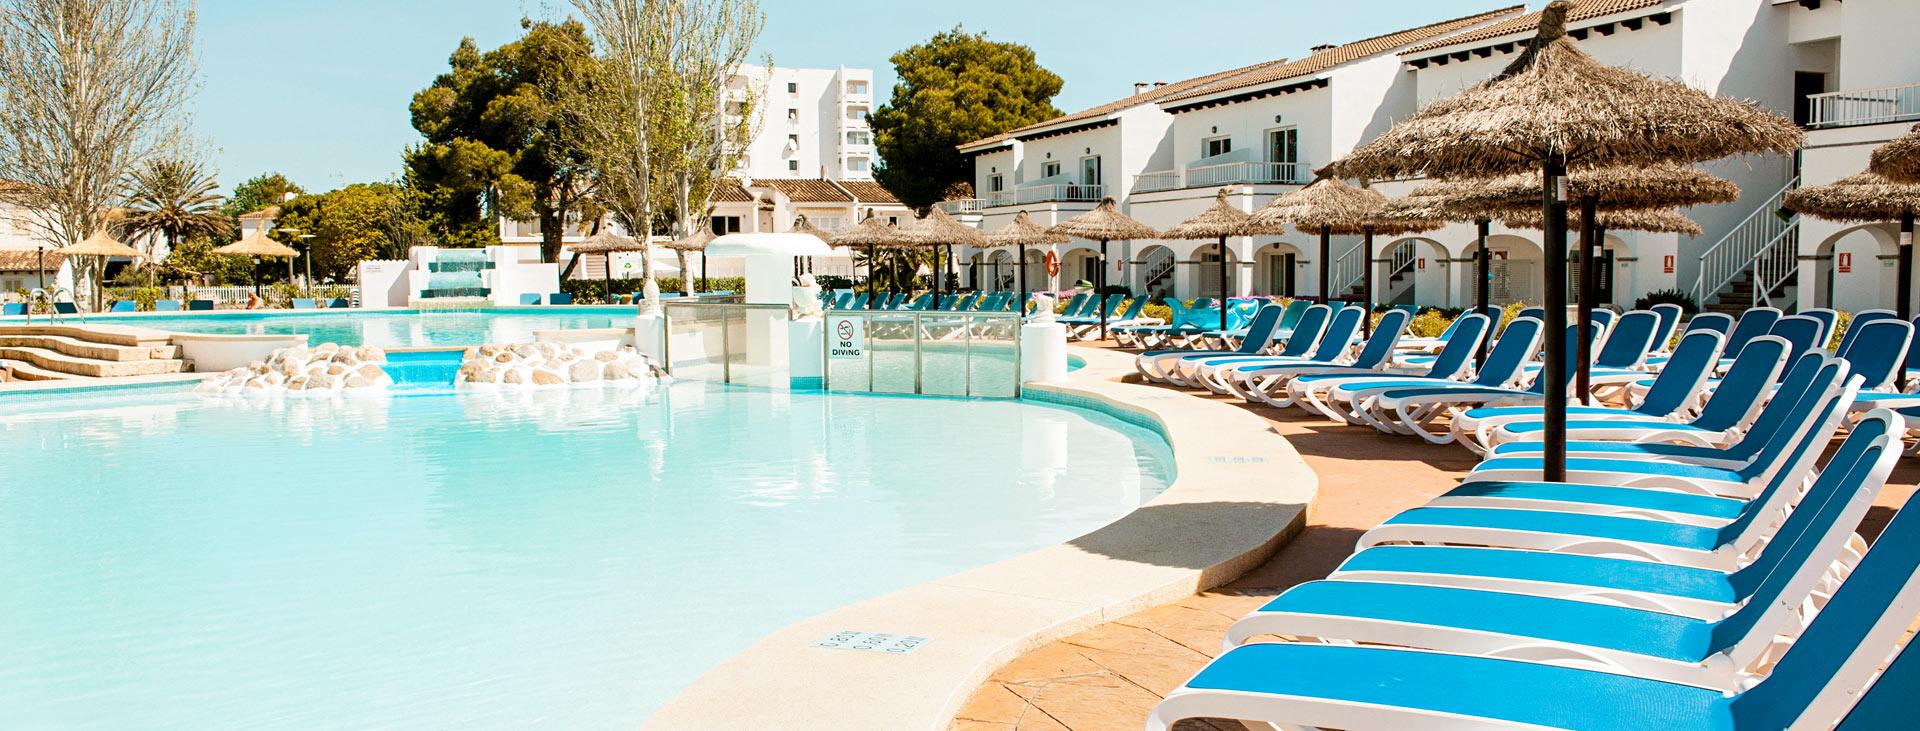 Sea Club, Alcudia, Mallorca, Spanien